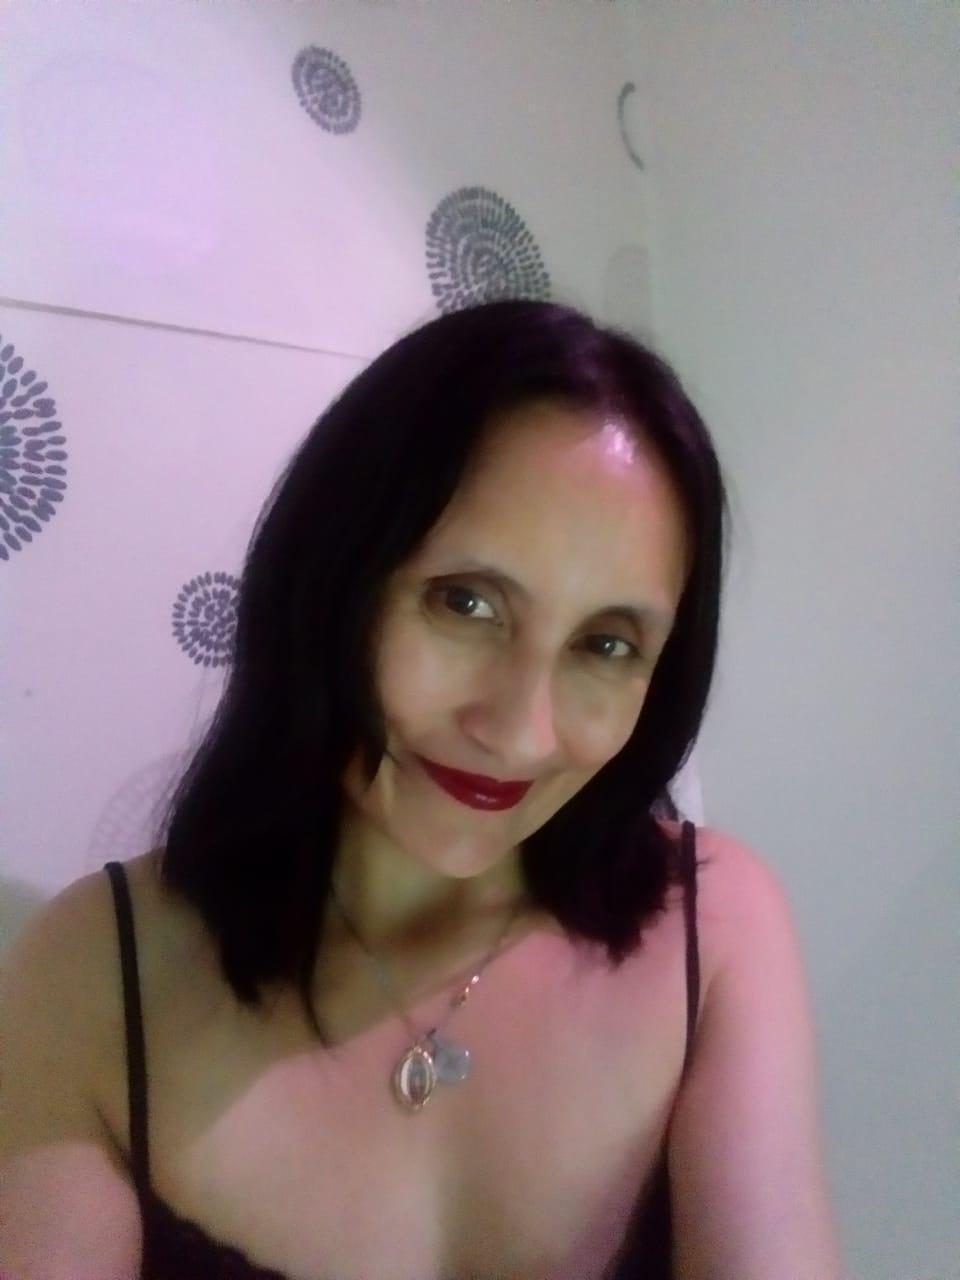 Kendra_6972 live cam on Cam4.com